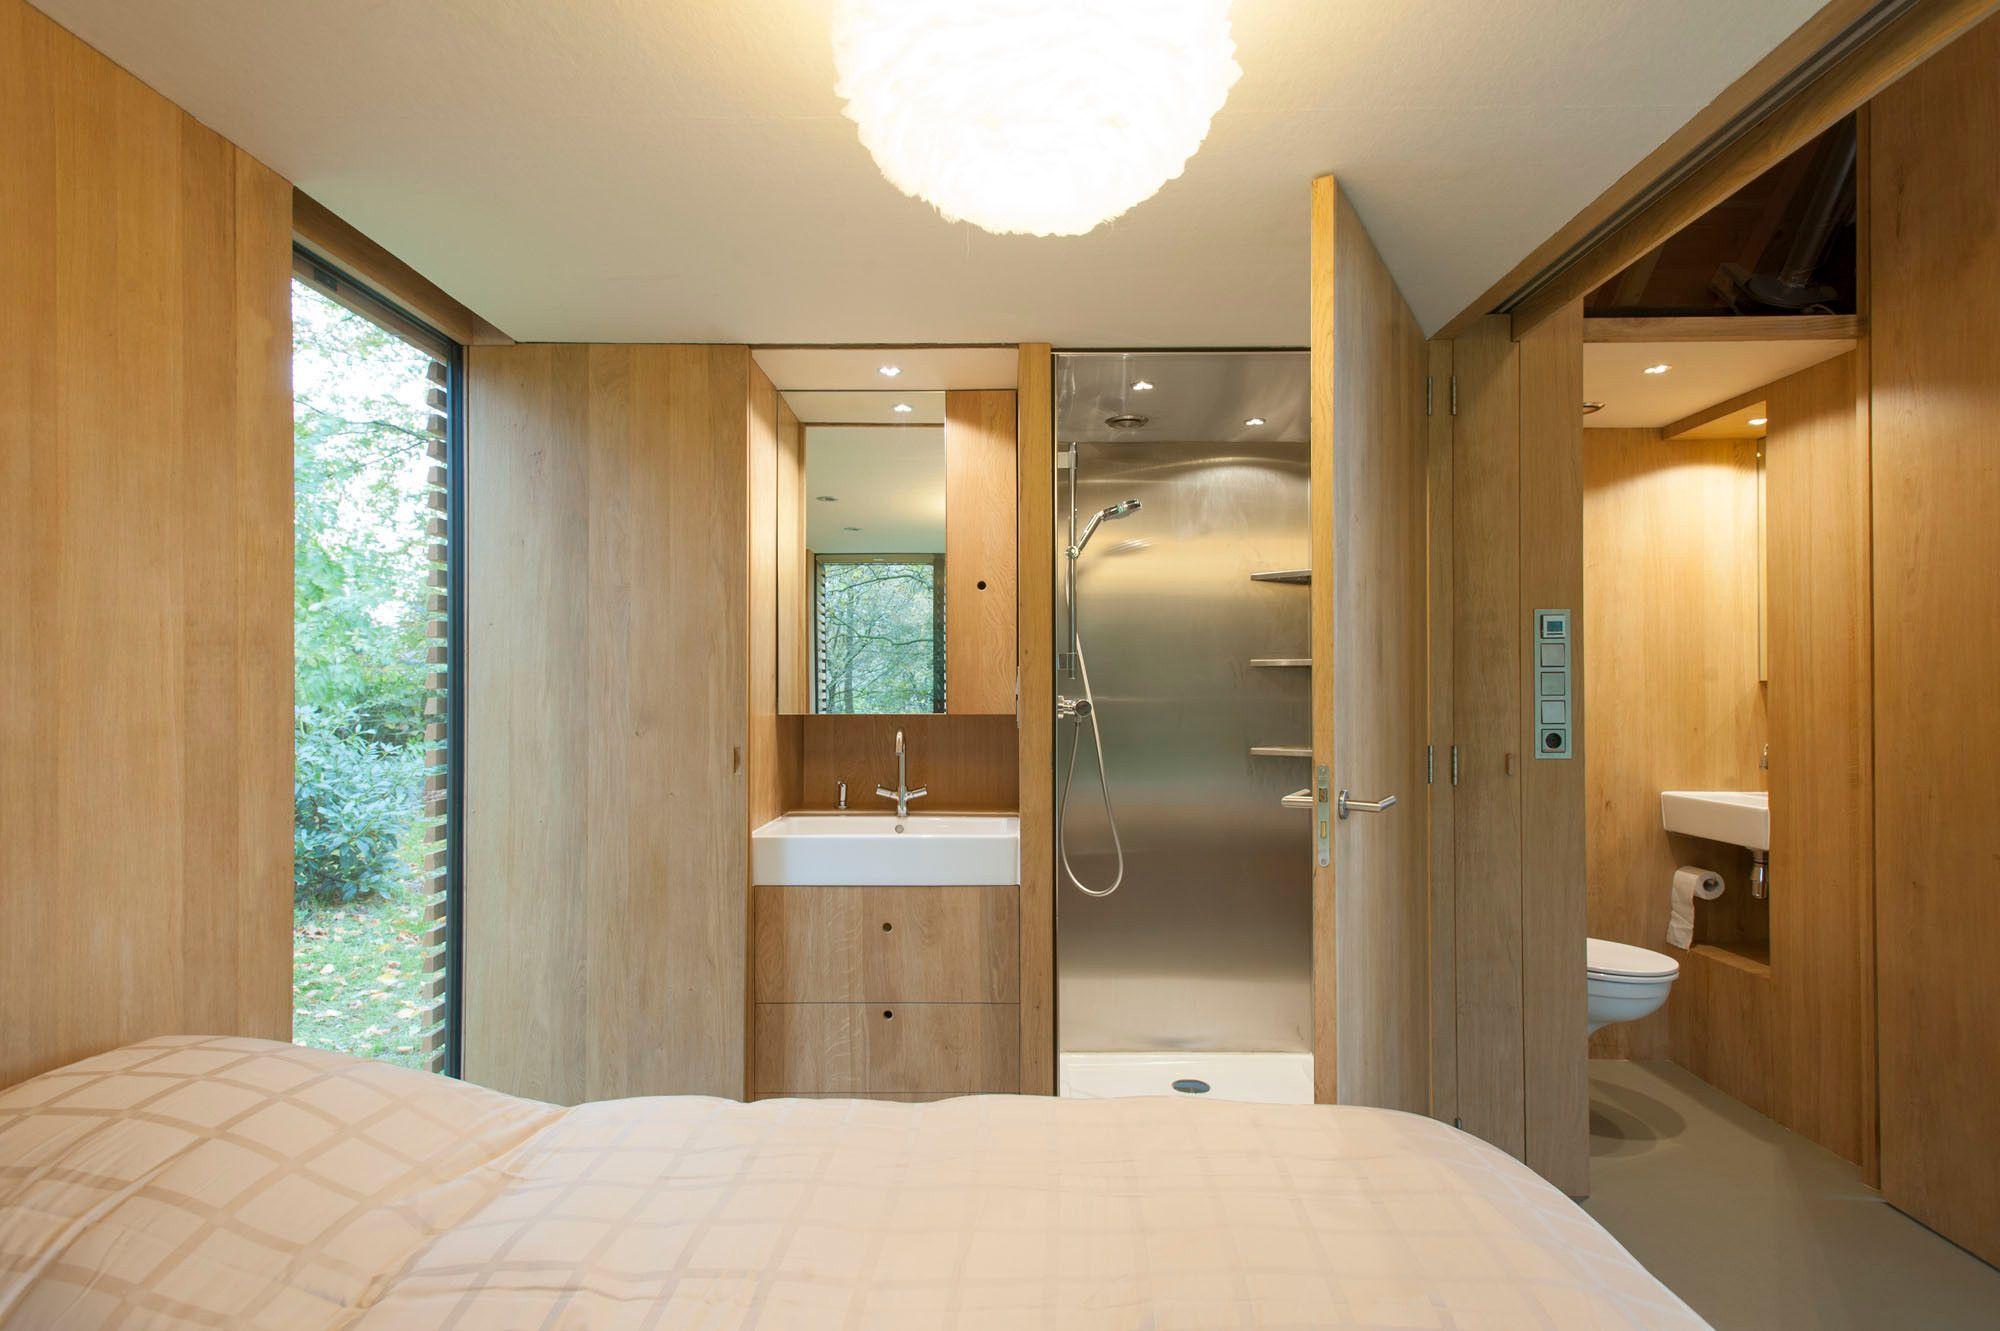 Stauraum, Waschbecken, Dusche und WC sind kompakt an der